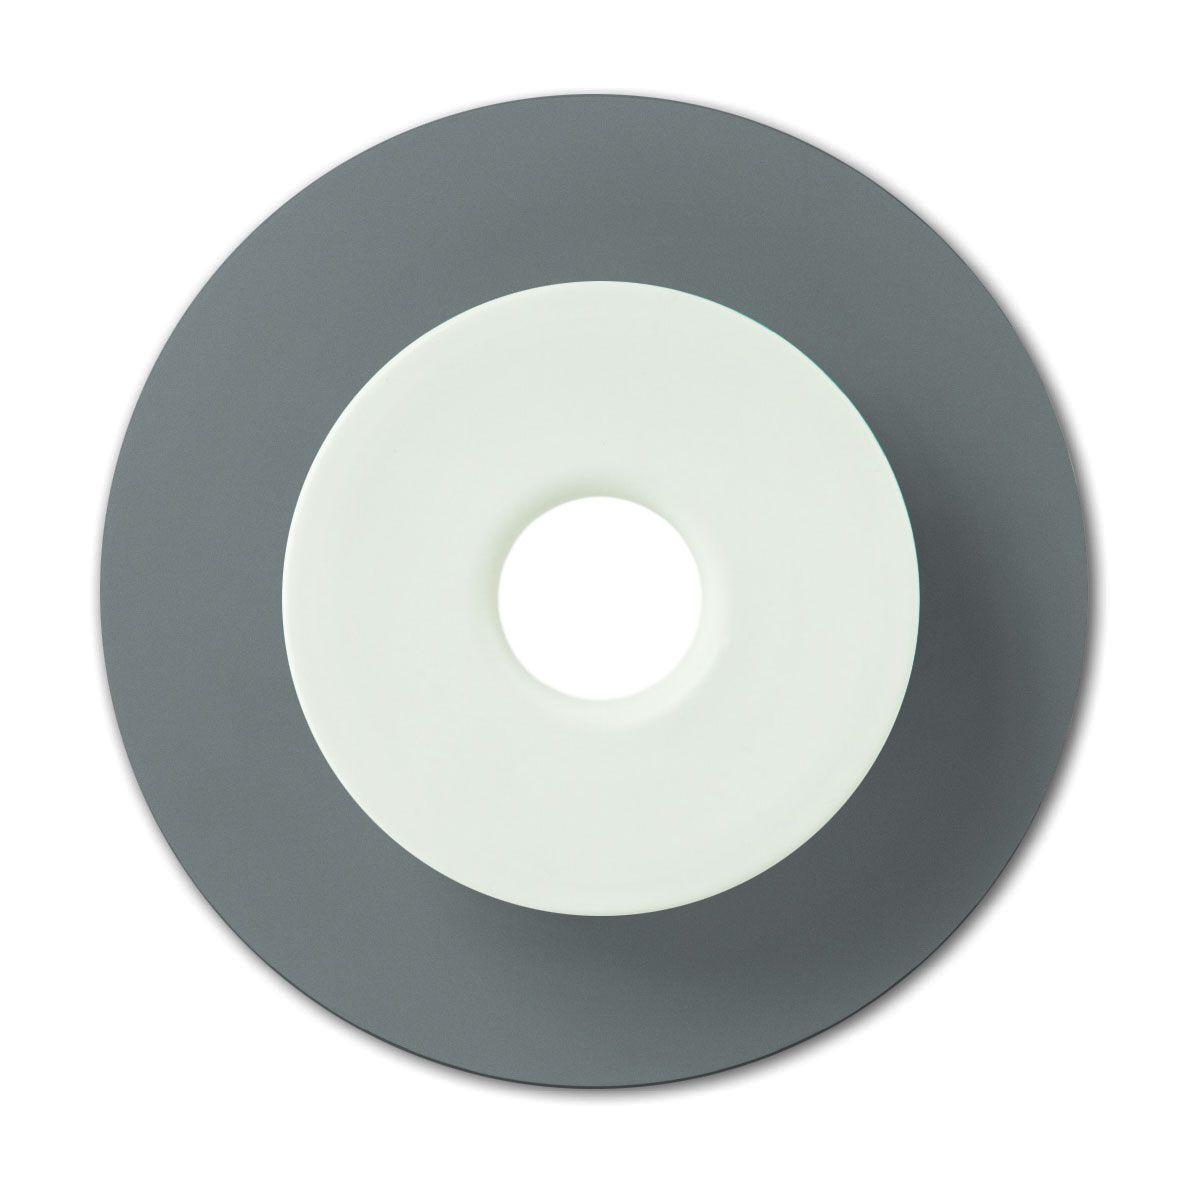 PLA Filament | Color: Silver/White Translucent Glitter